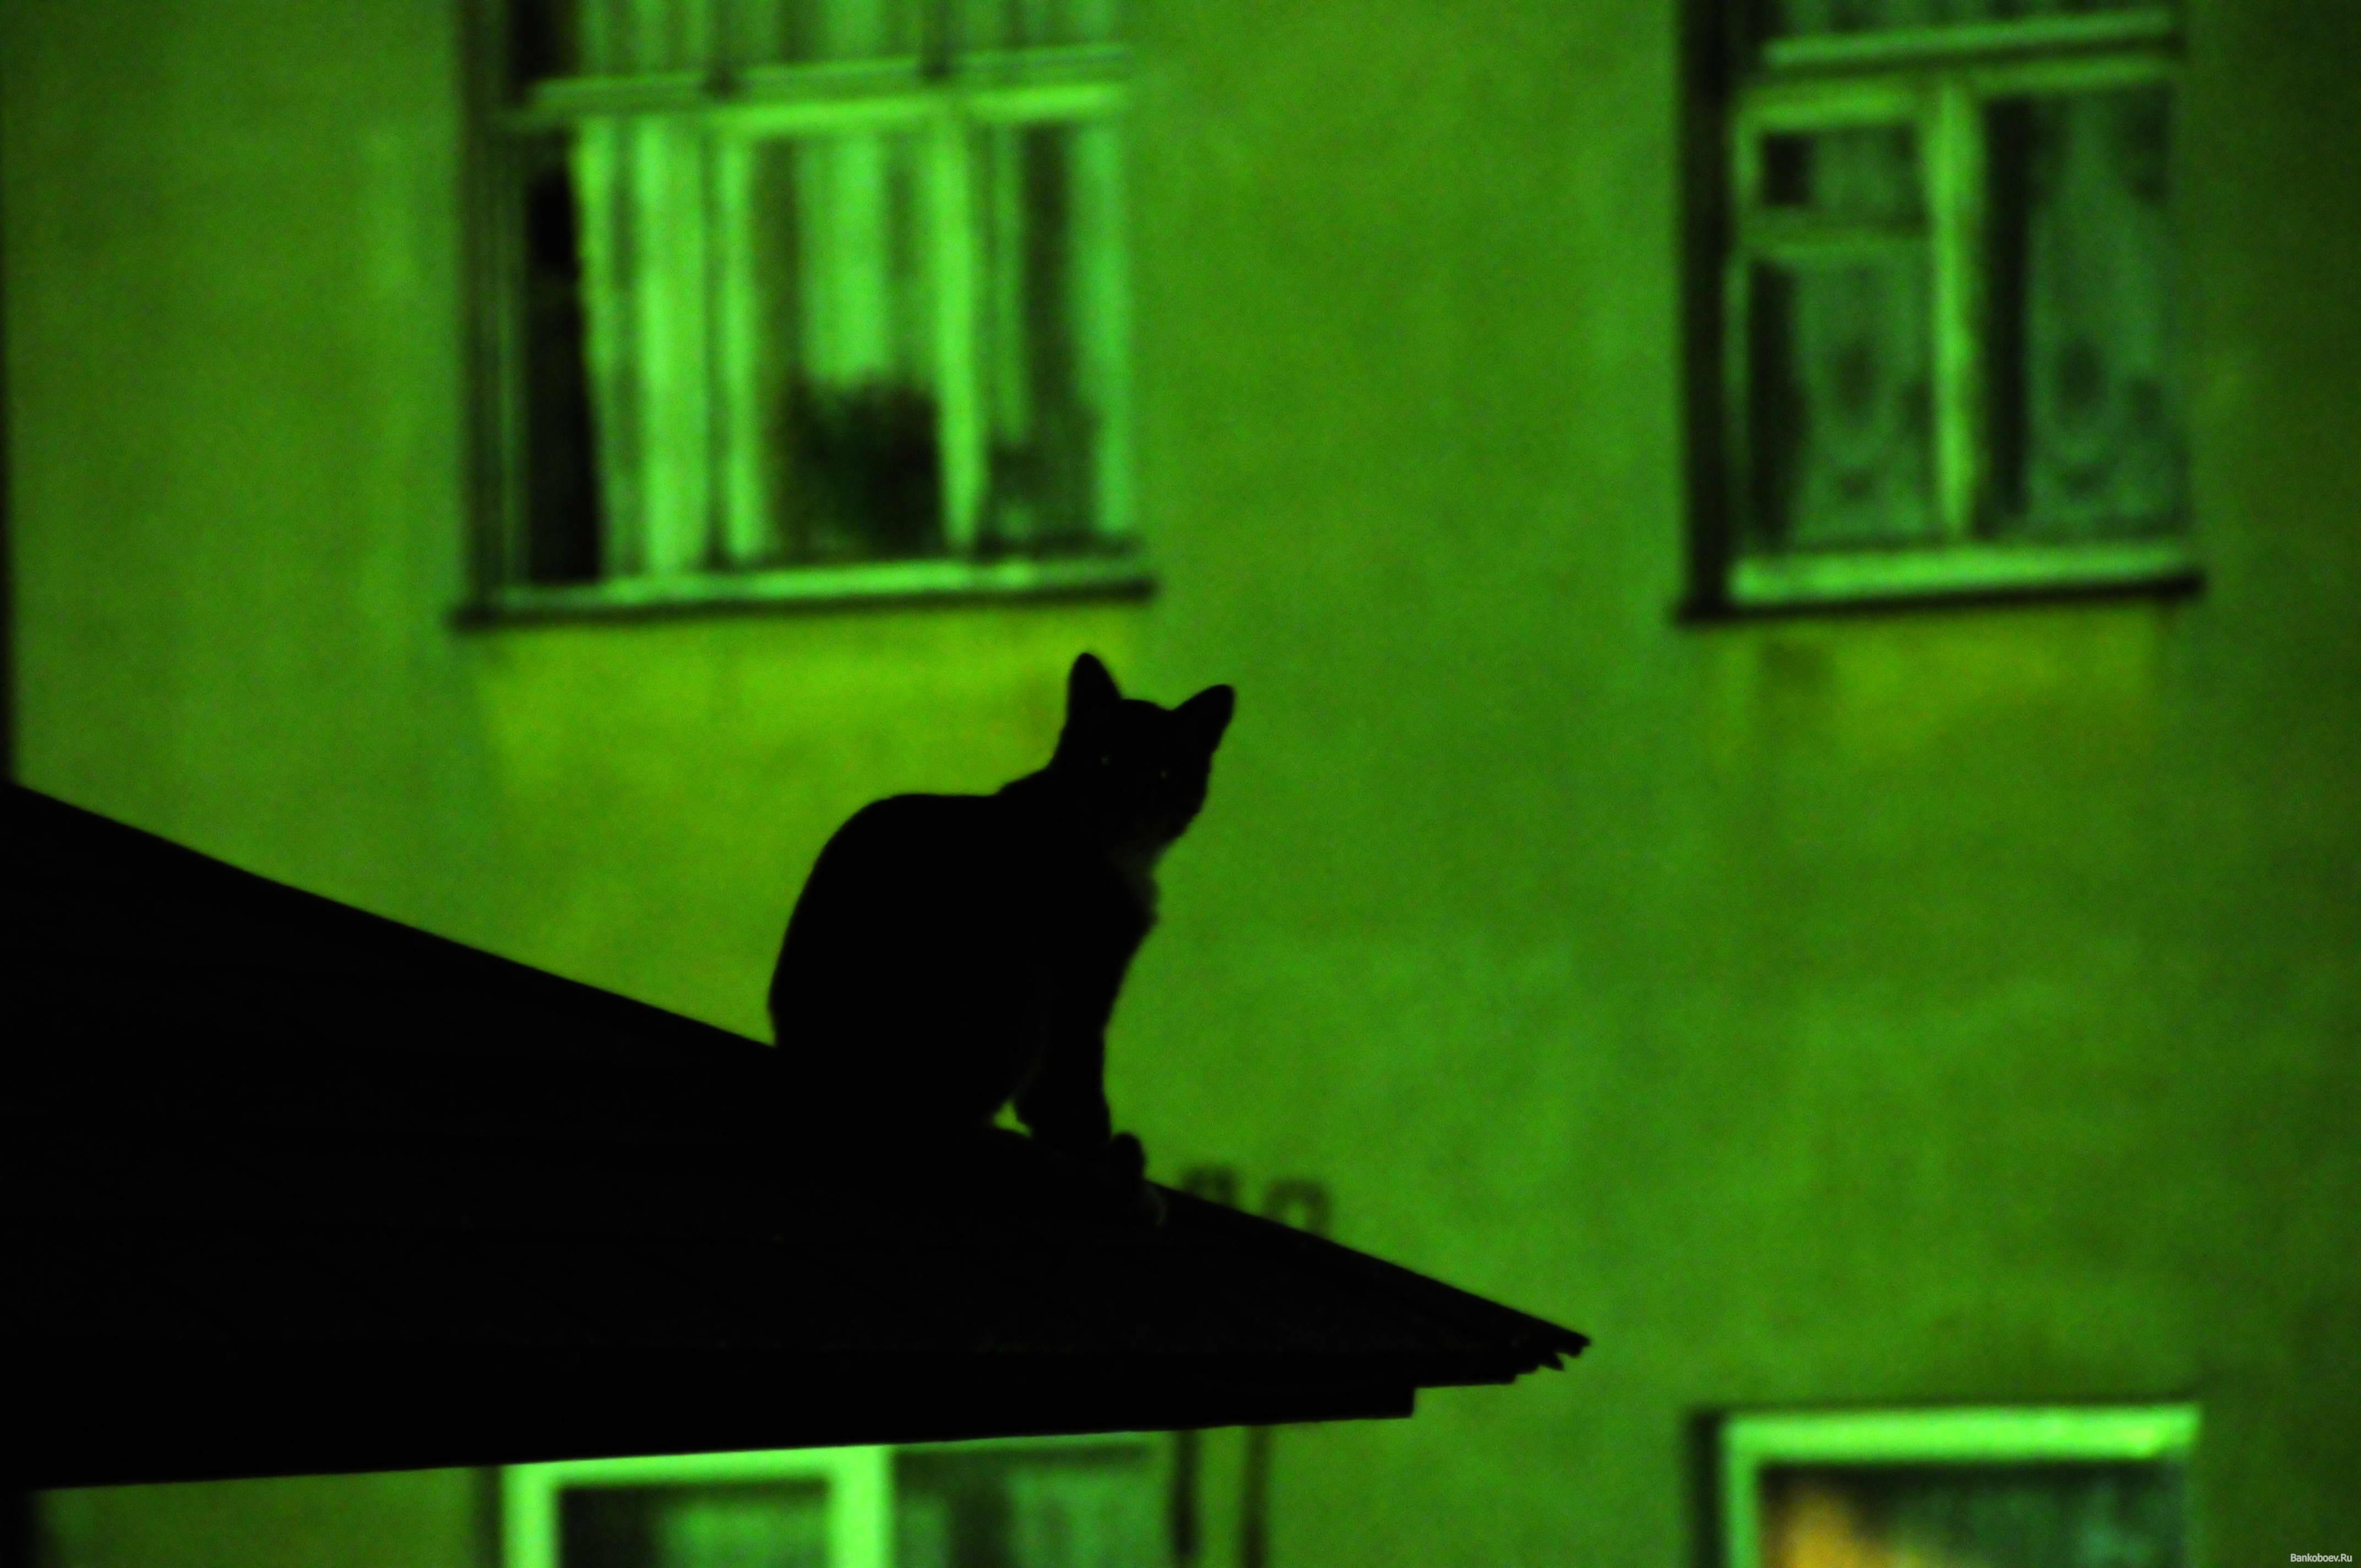 Черный кот на зеленом фоне на крыше